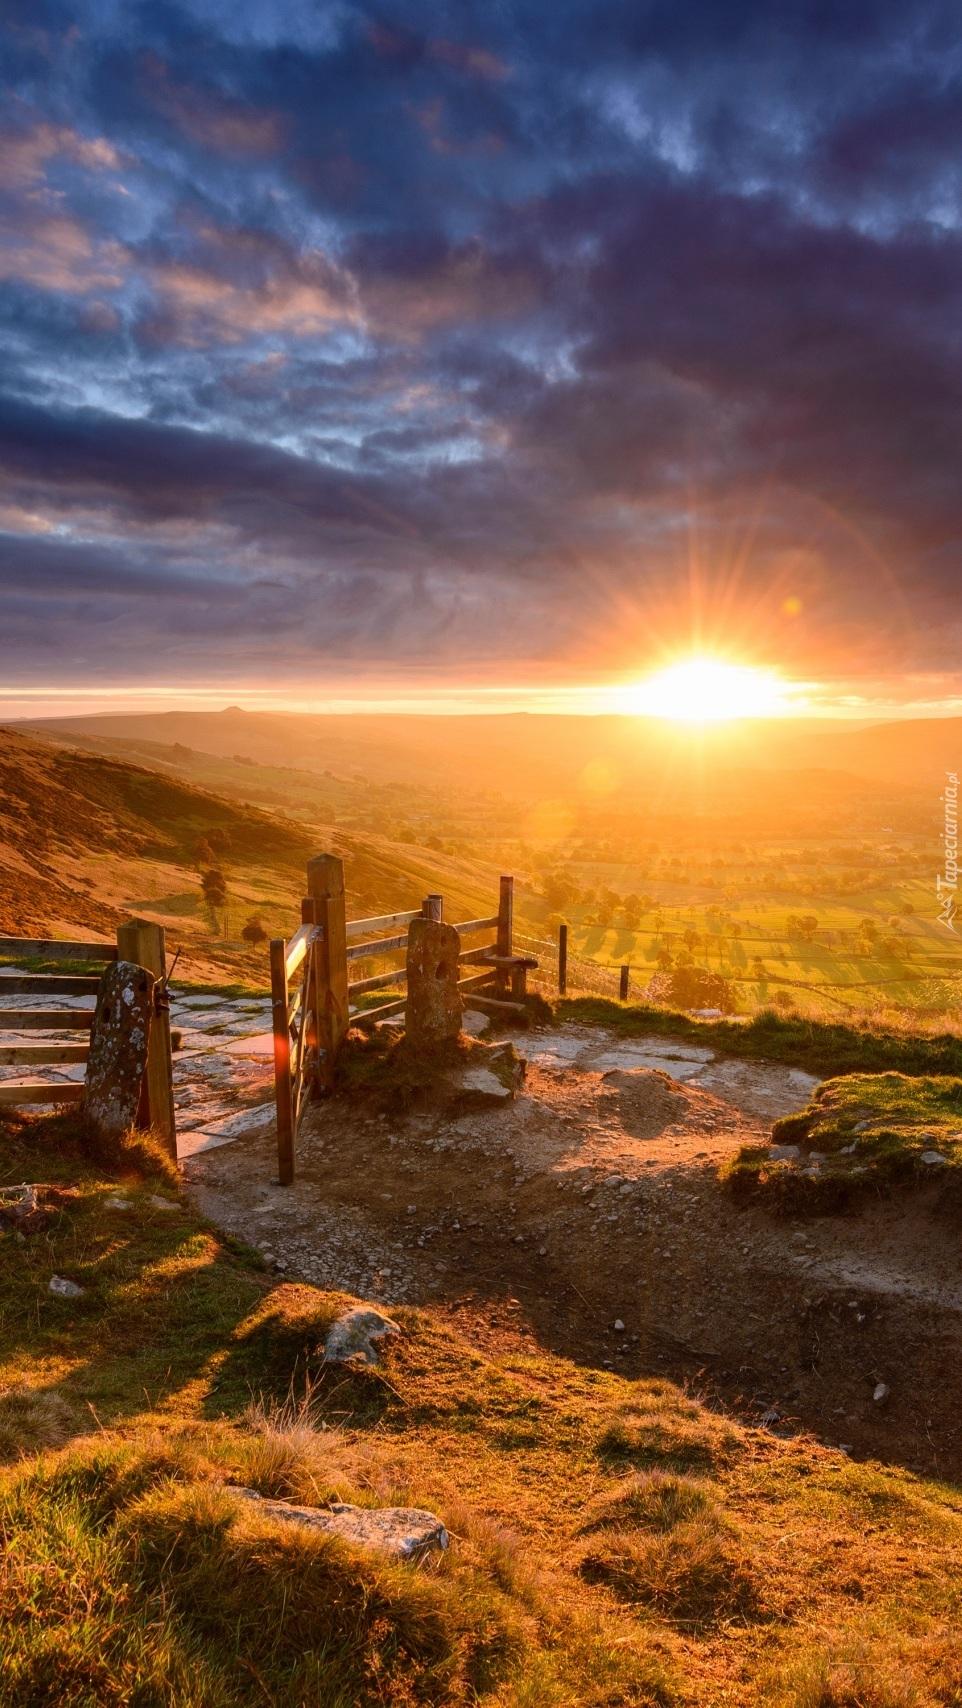 Wschód słońca rozświetla wzgórza hrabstwa w Anglii